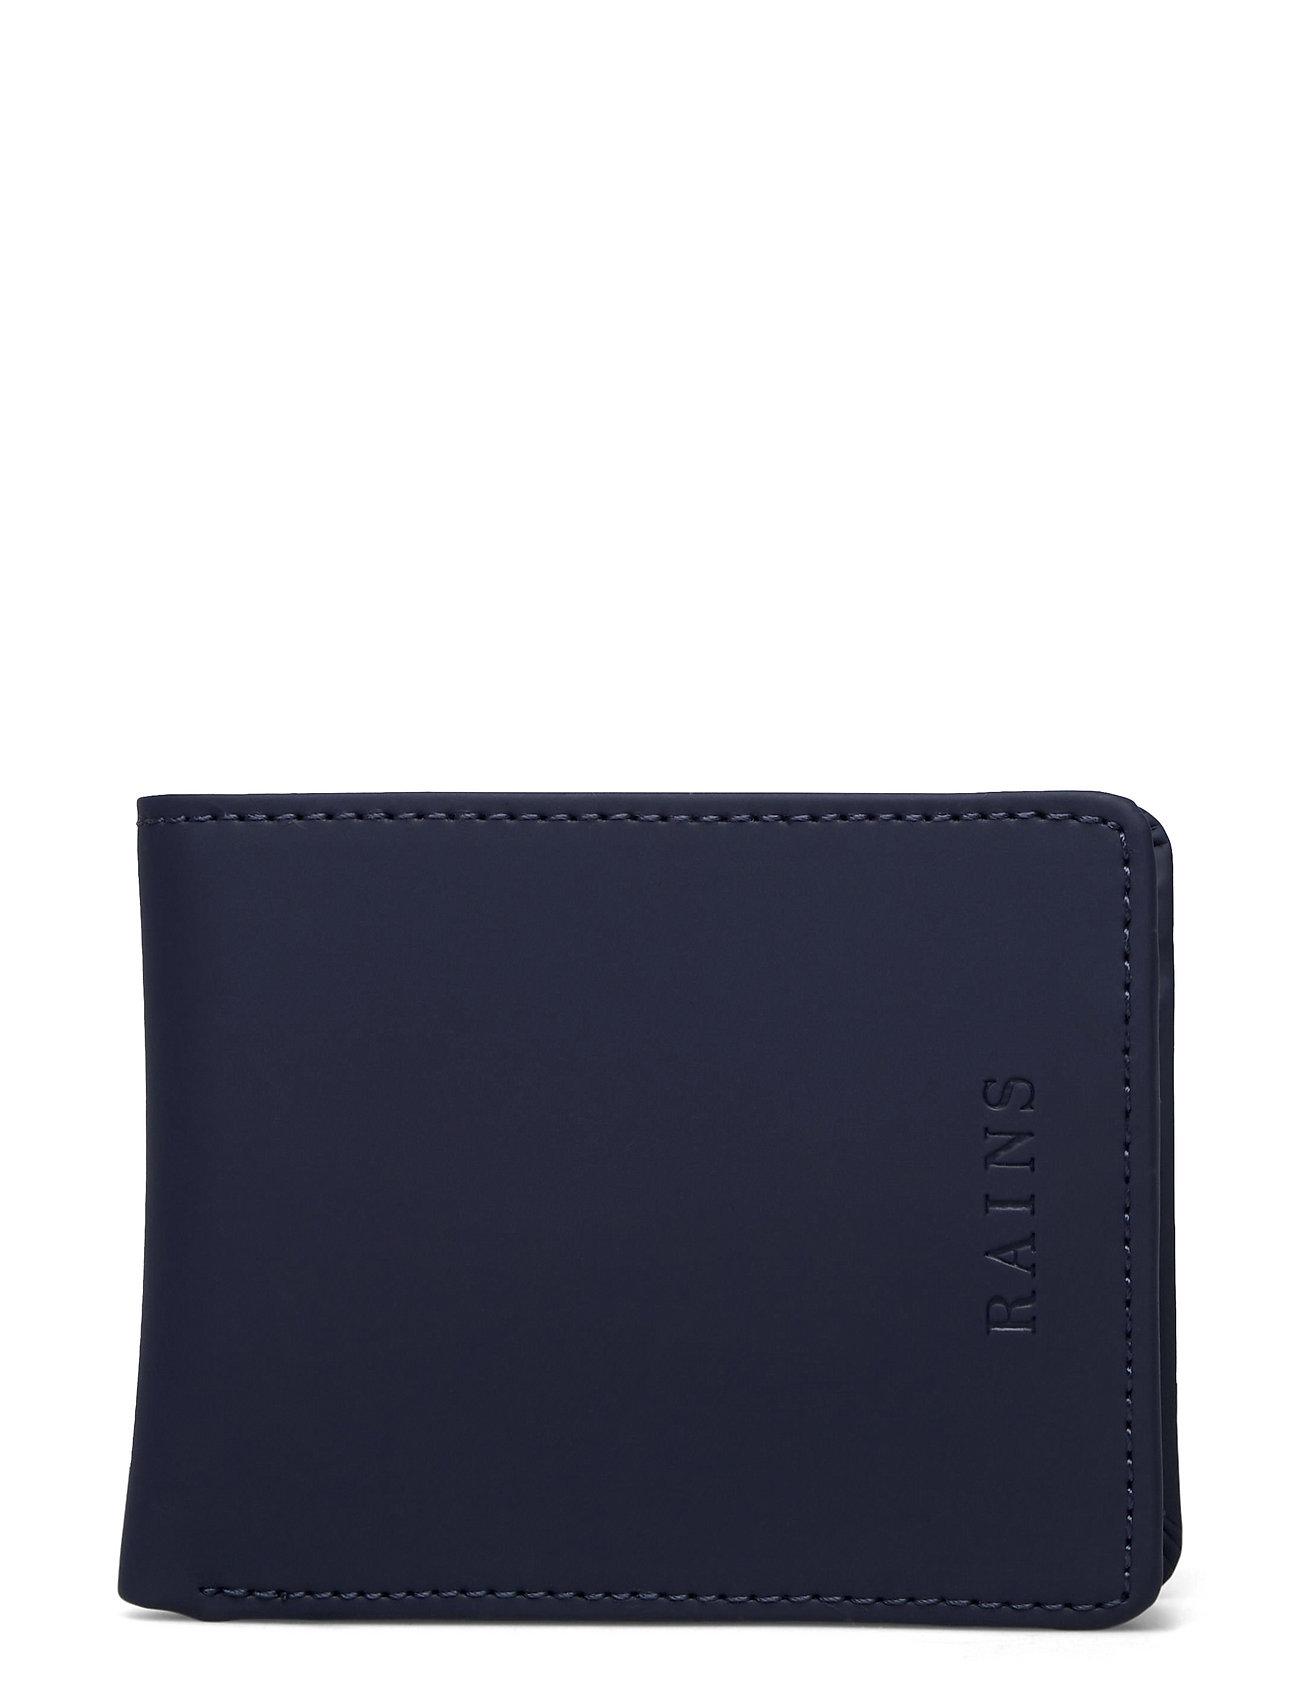 Folded Wallet Accessories Wallets Cardholder Blå Rains